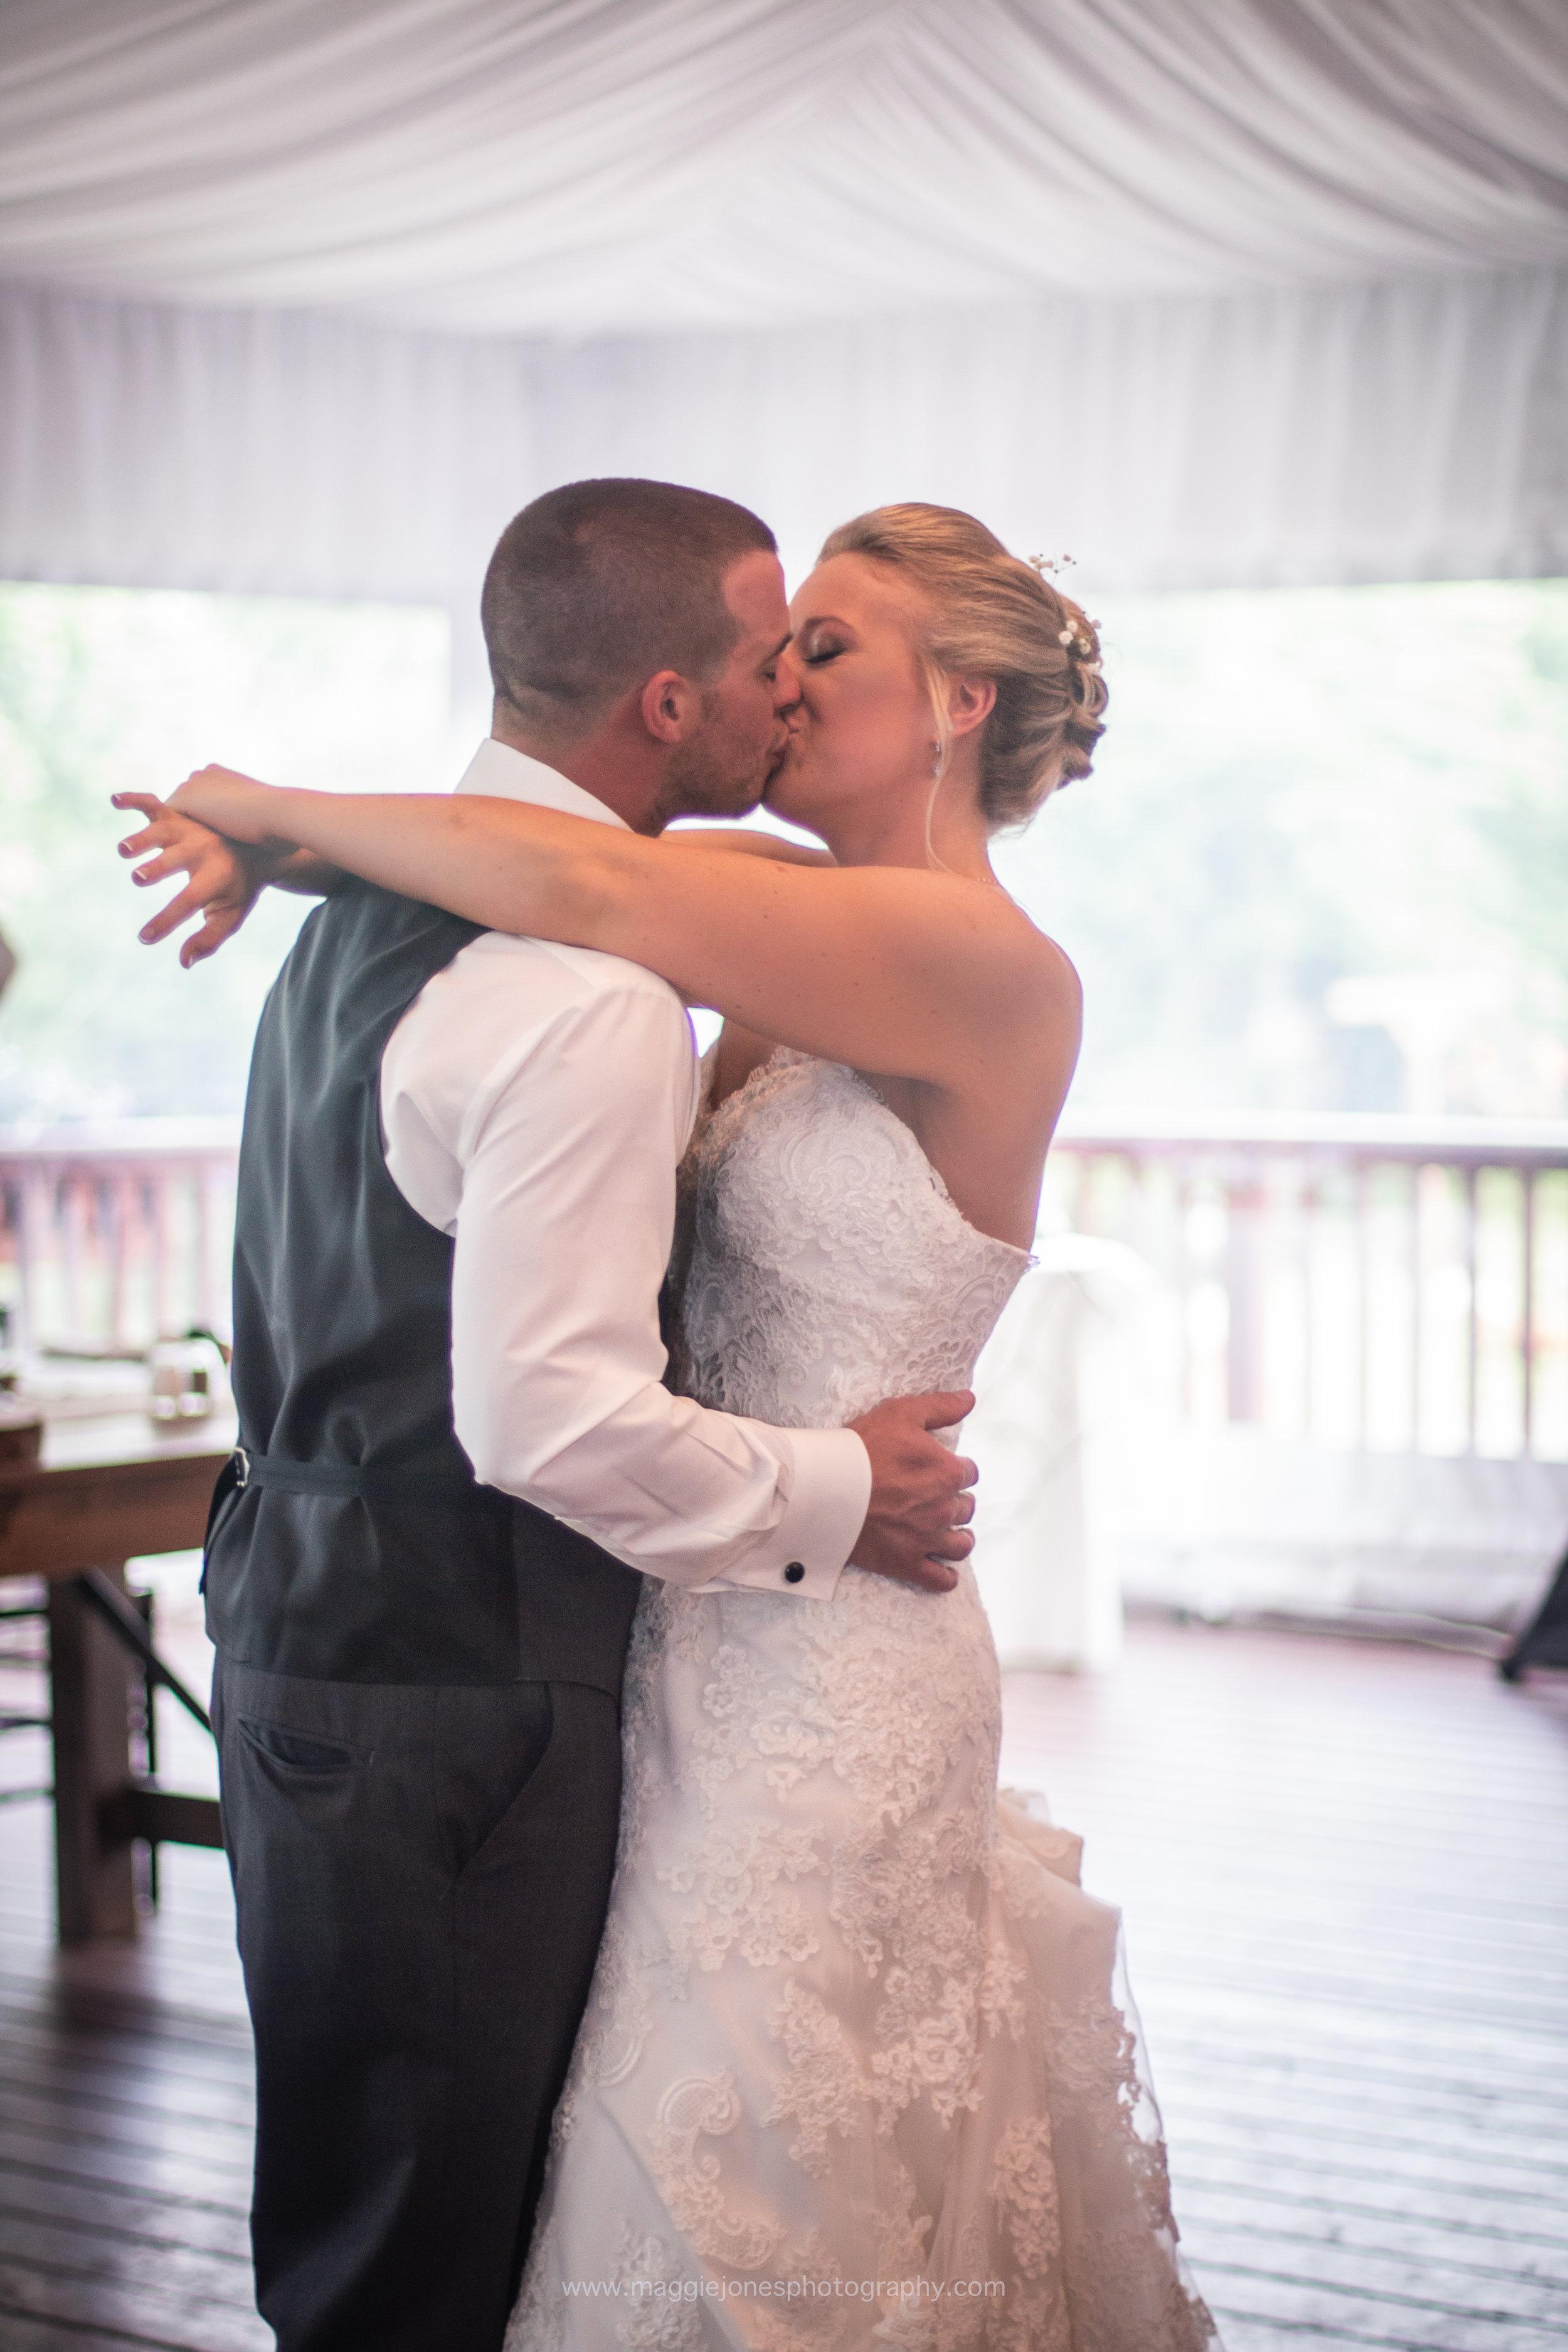 Ashley+DavidShaw_WEDDING_blog-1-68.jpg